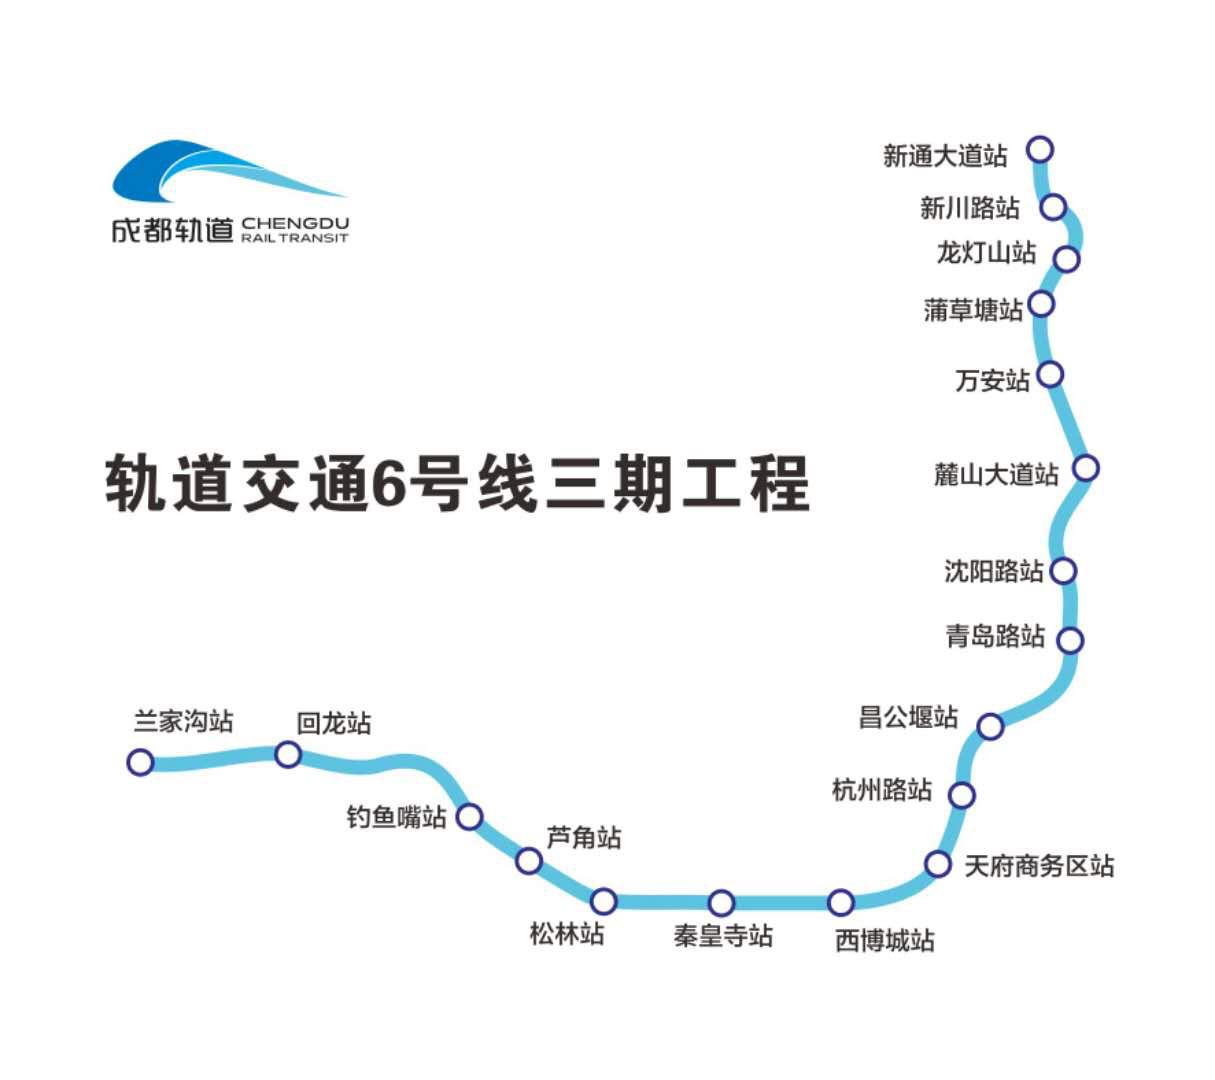 地铁6号线路线图